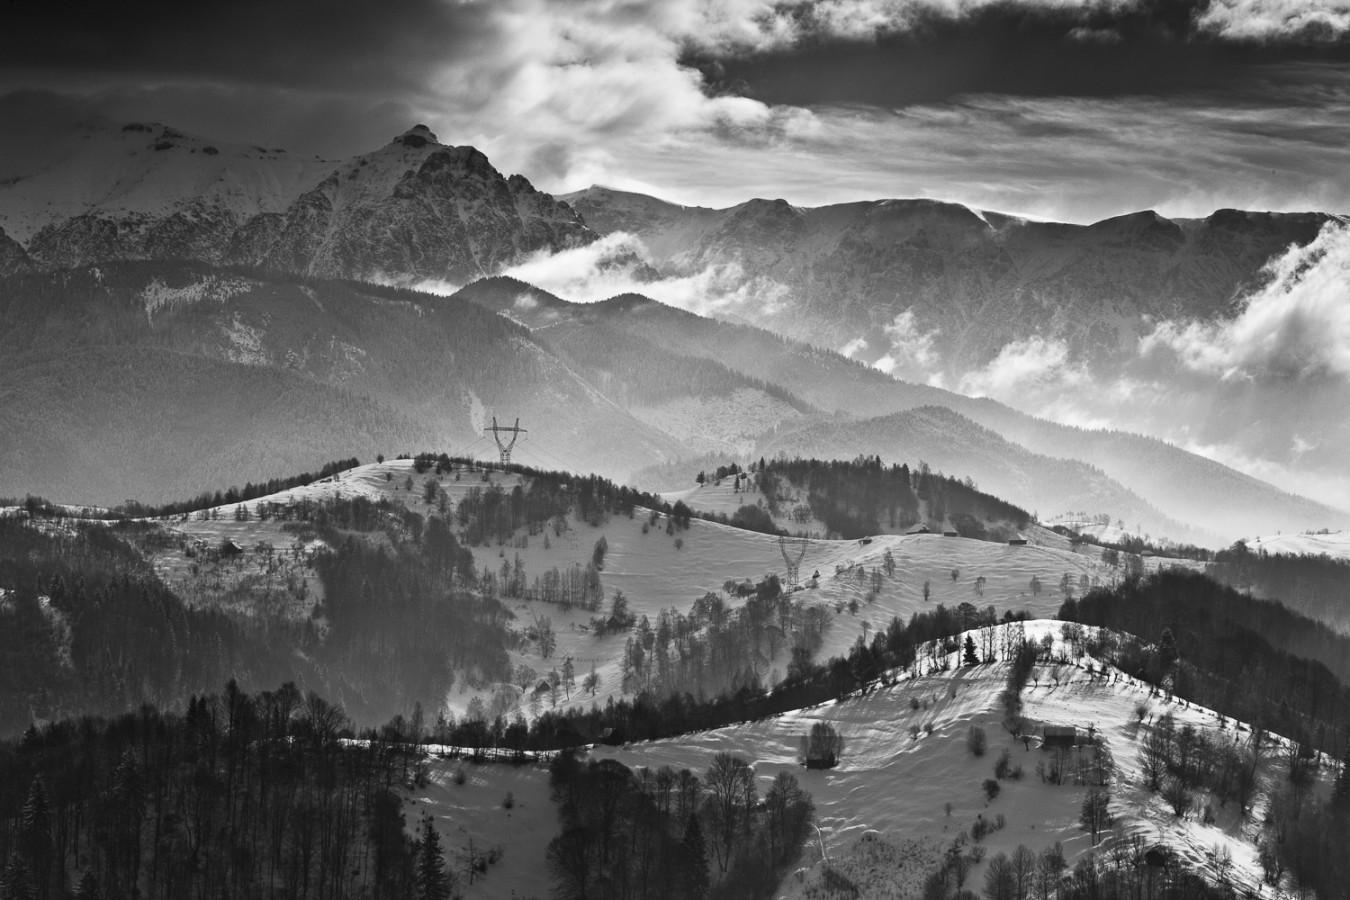 Fotografie peisaj | Fotograf Catalin Enache